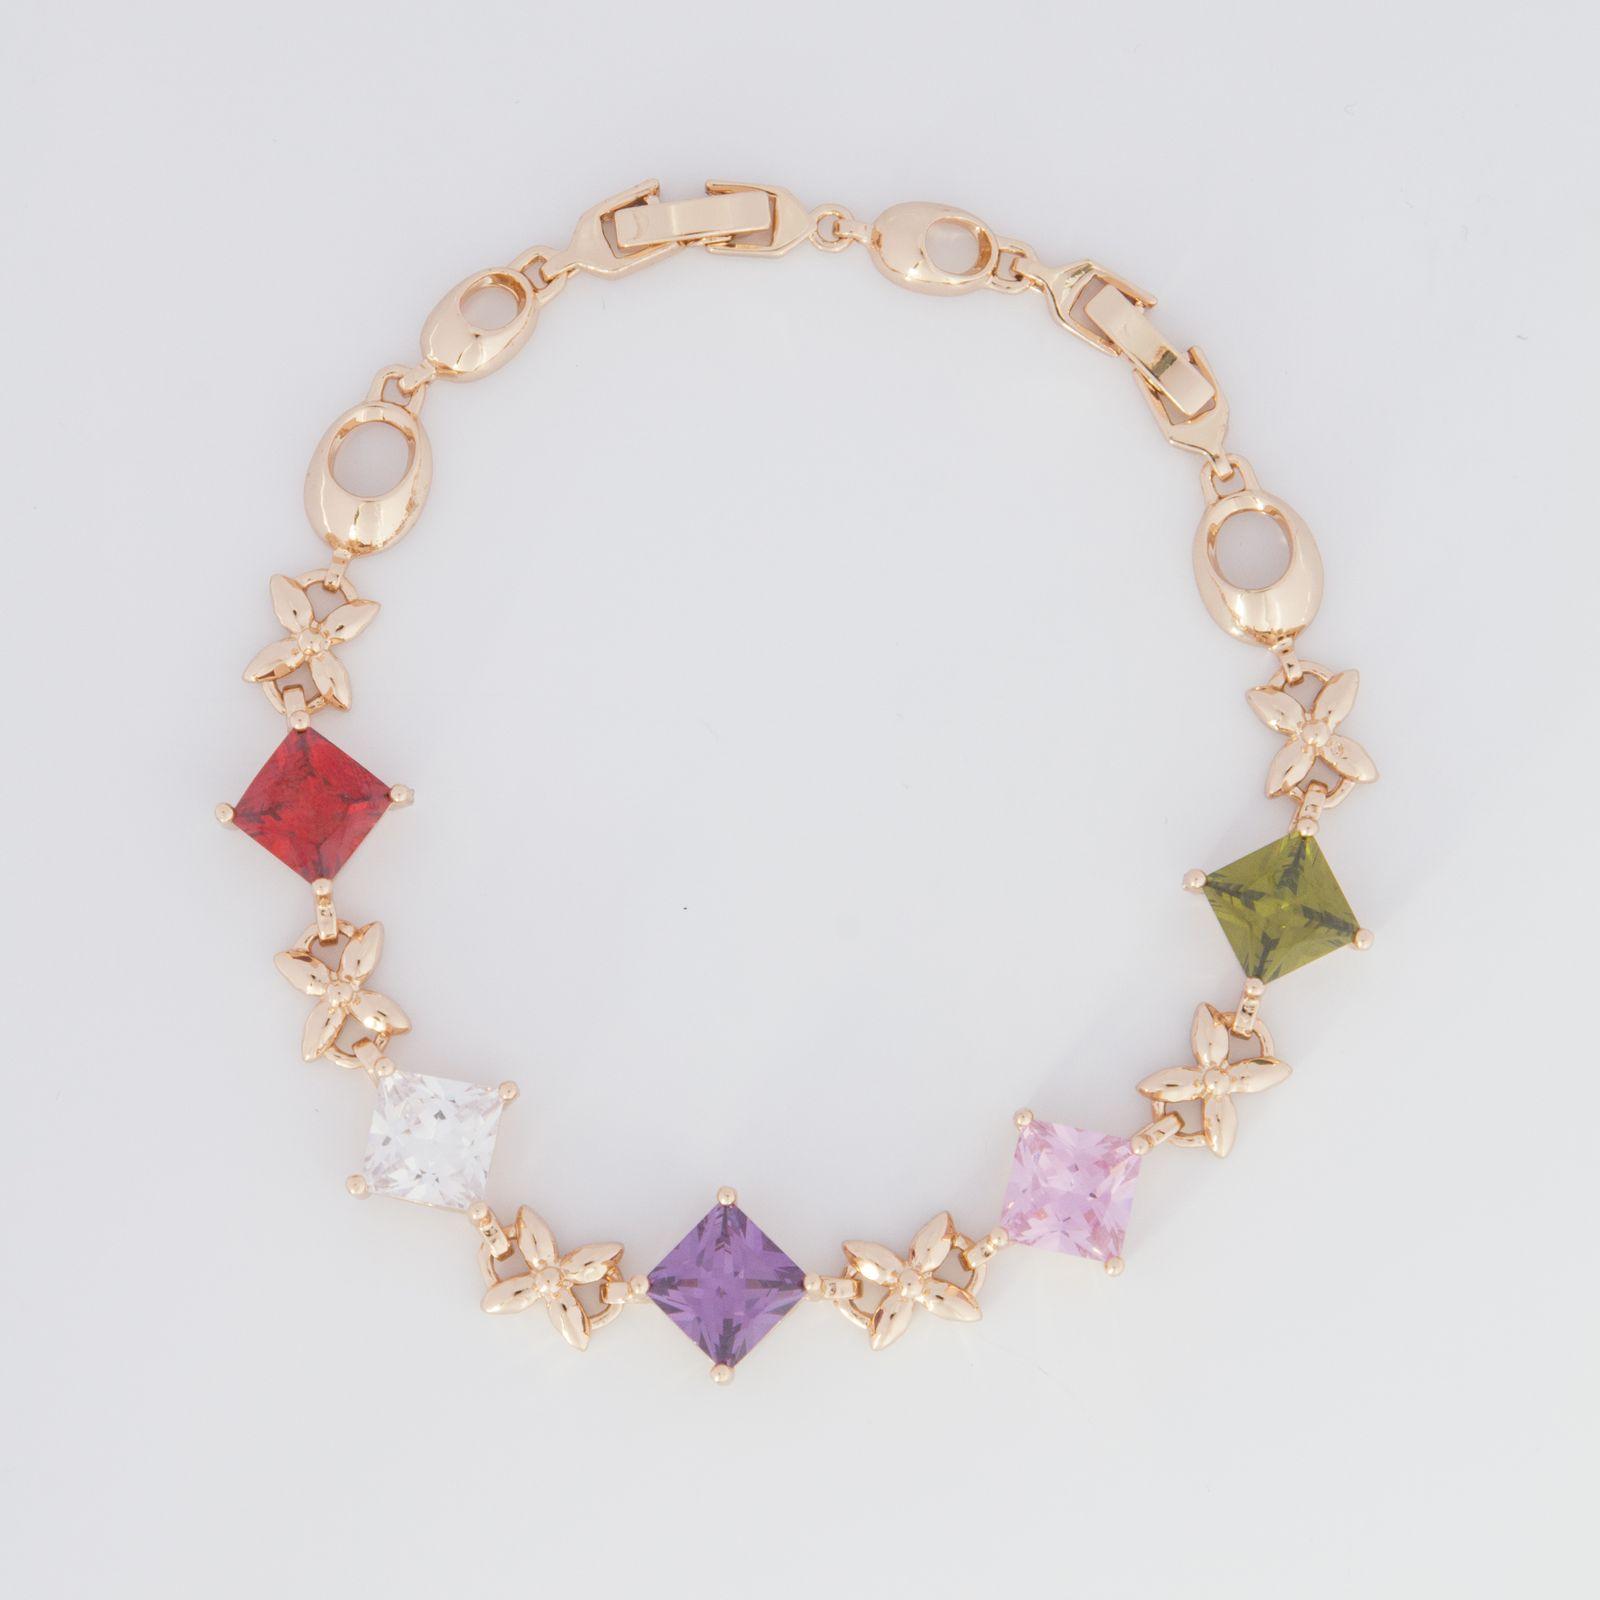 Браслет «Великолепная Сьюзи» купить браслет пандора в интернет магазине оригинал